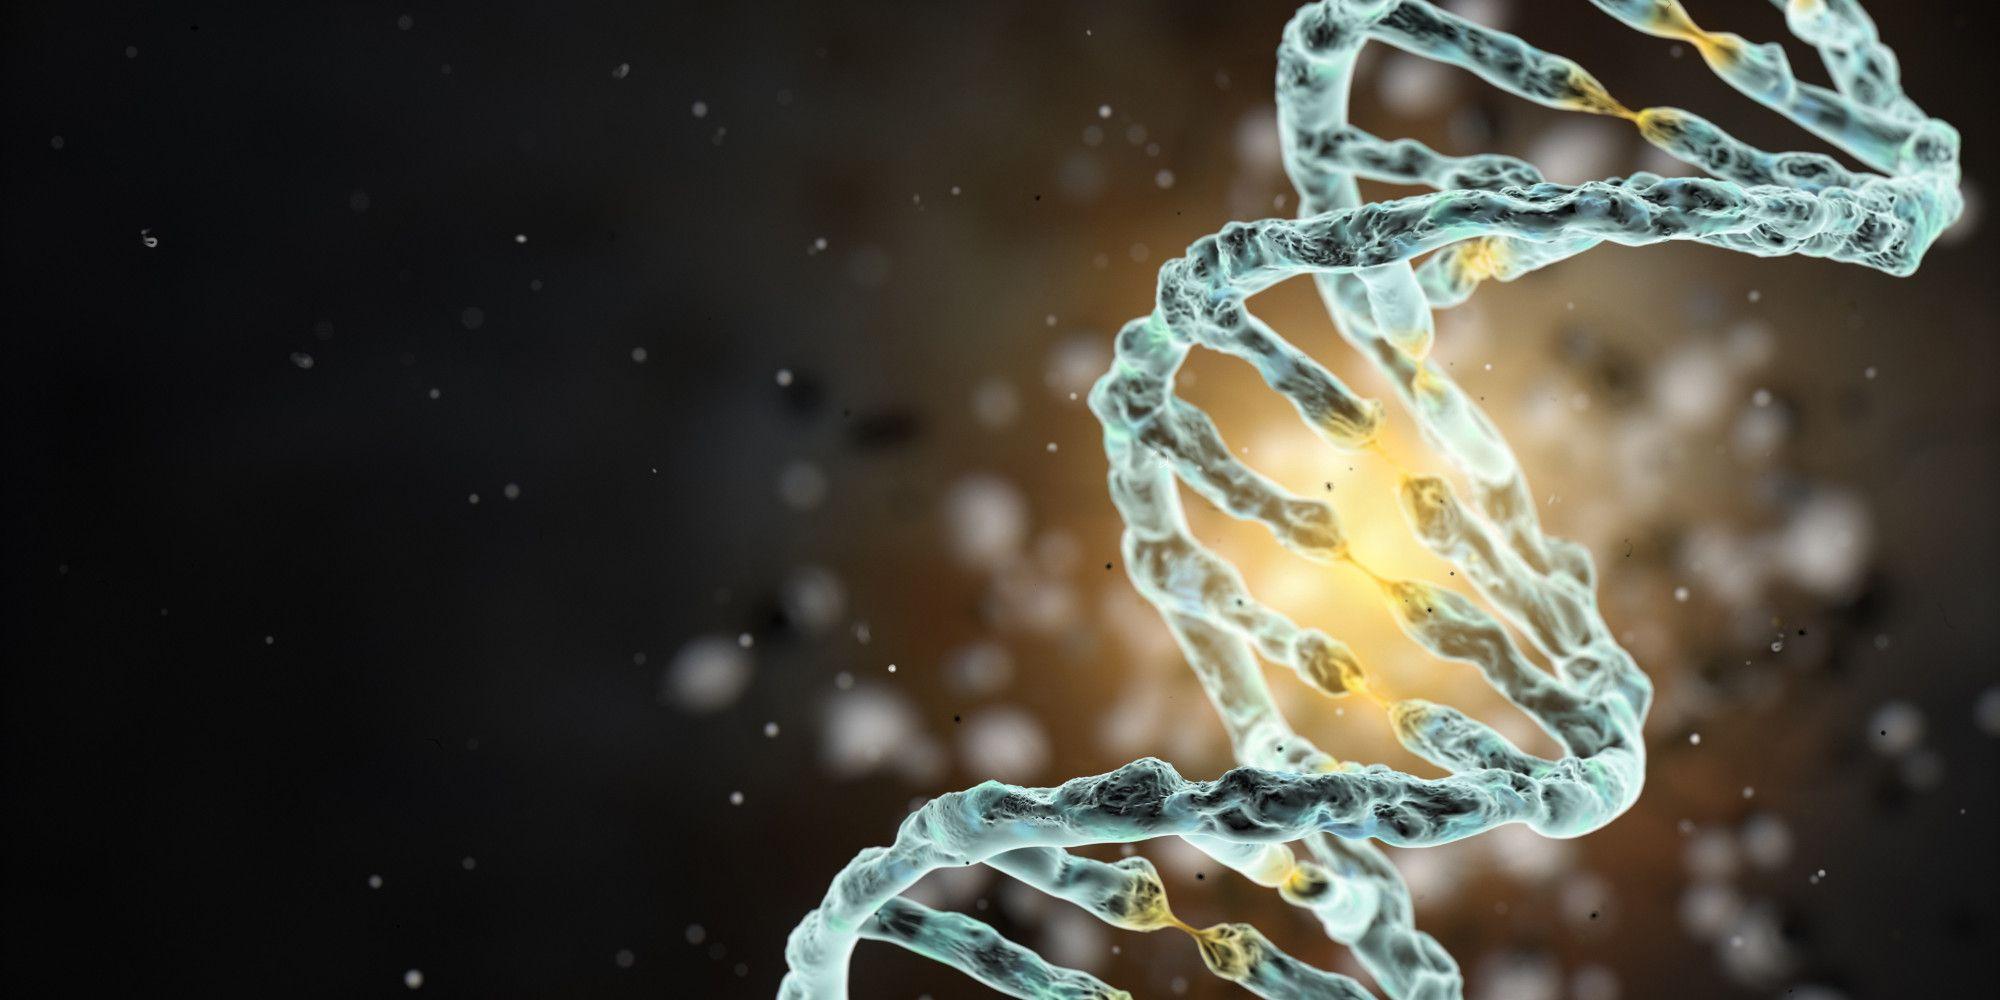 Remodeler la santé humaine et transformer nos vies grâce à l'édition du génome - Le https://t.co/Fve1Hbcy4Y https://t.co/Qey3ccDCUU